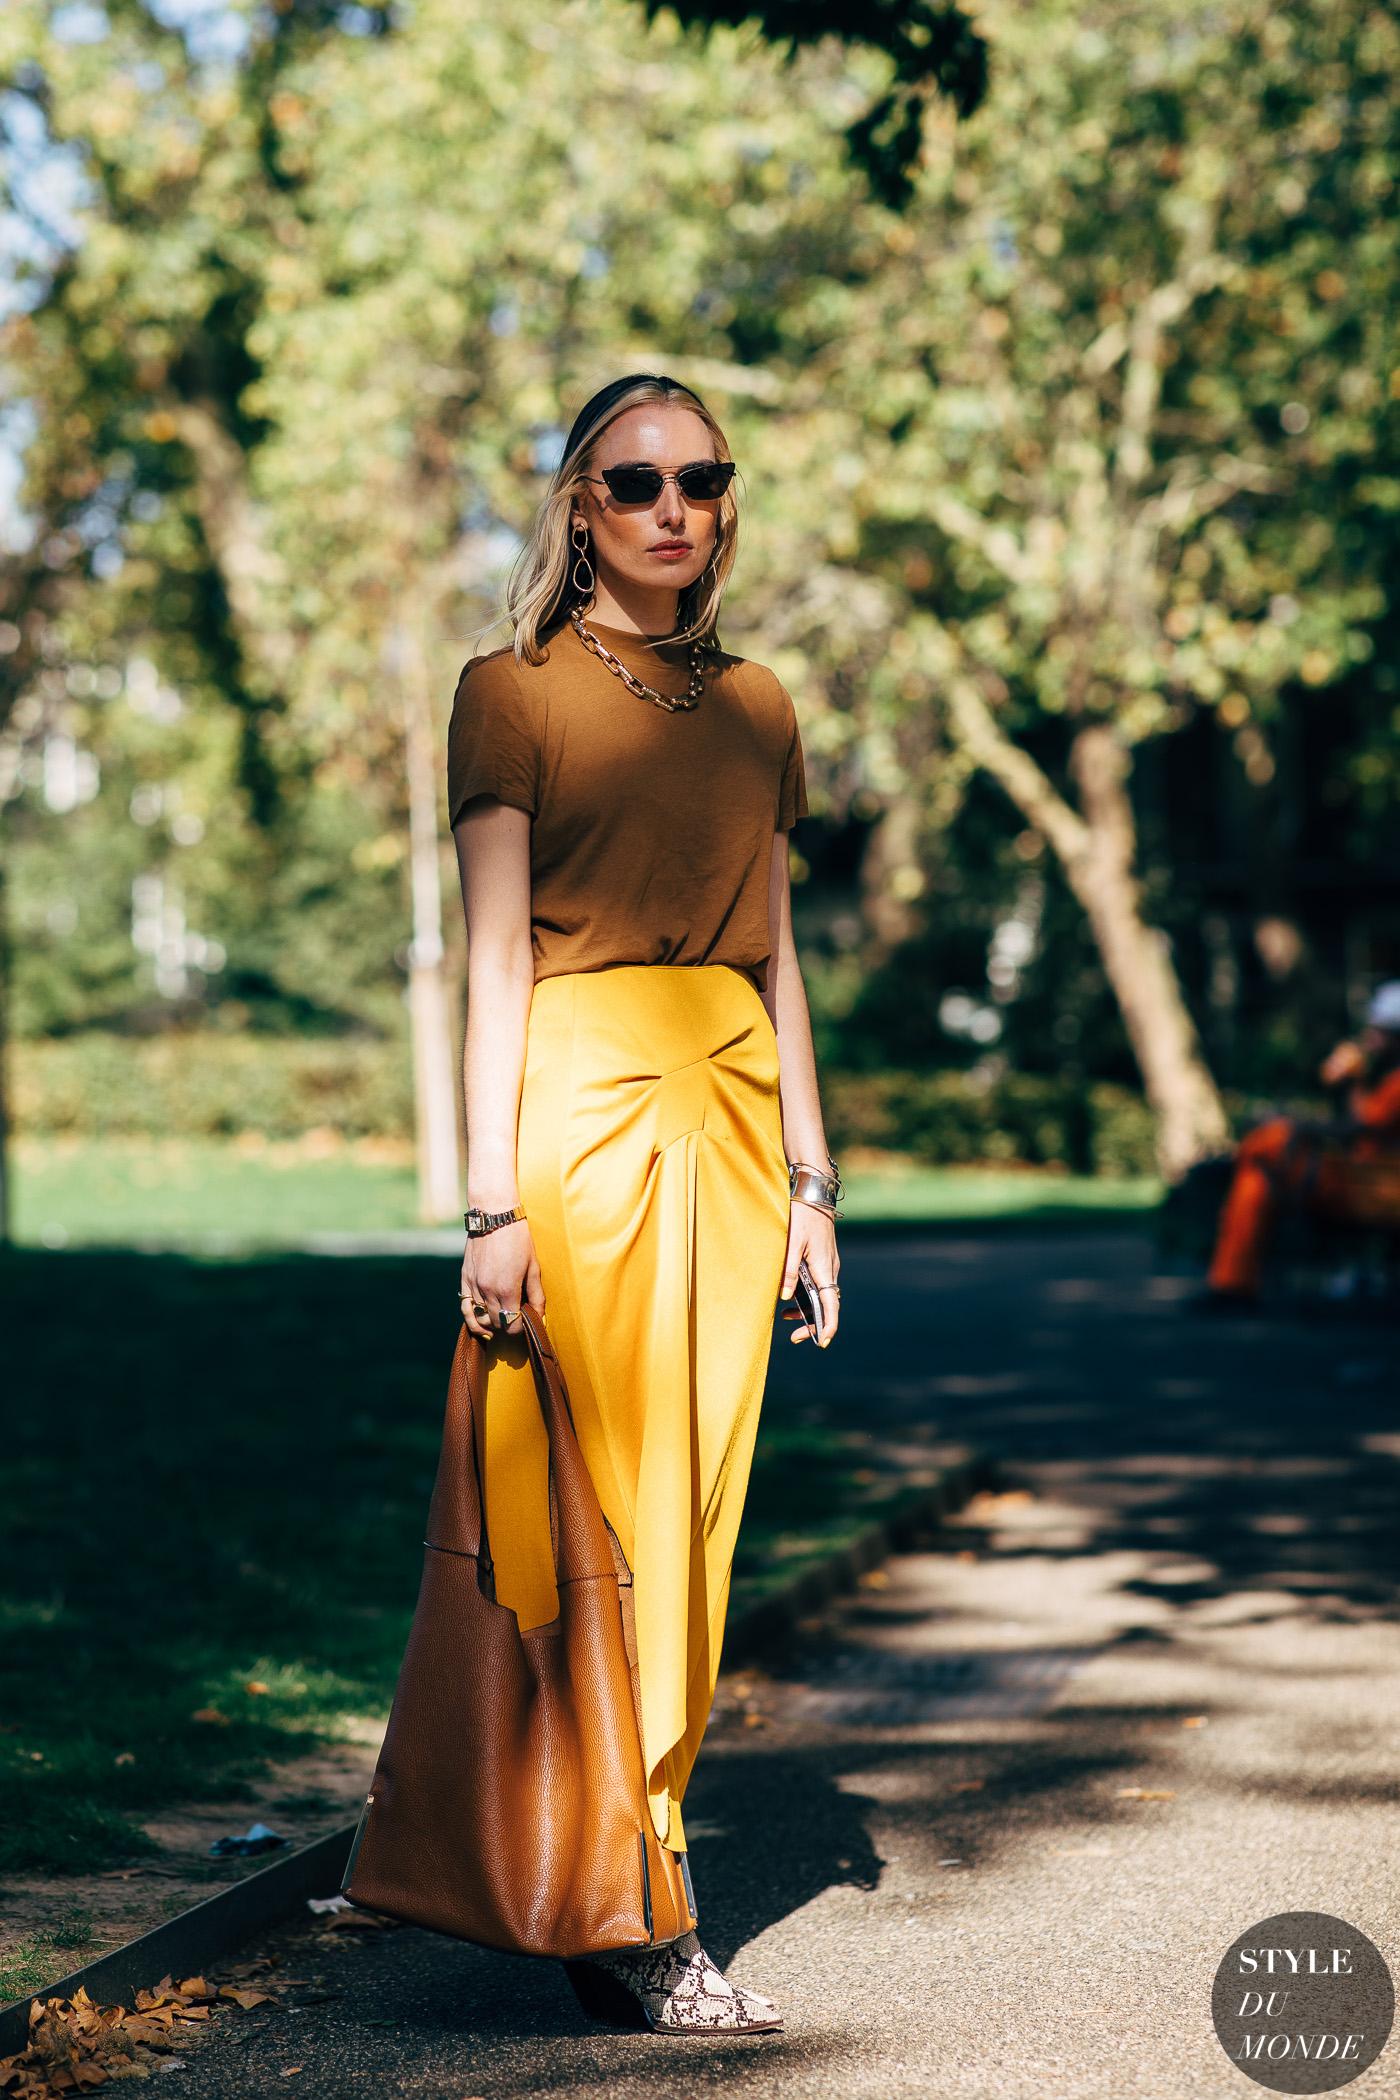 fashionista diện áo phông nâu đất, chân váy vàng, túi xách nâu đất, kính mát đen và băng đô đen tại tuần lễ thời trang london xuân - hè 2019